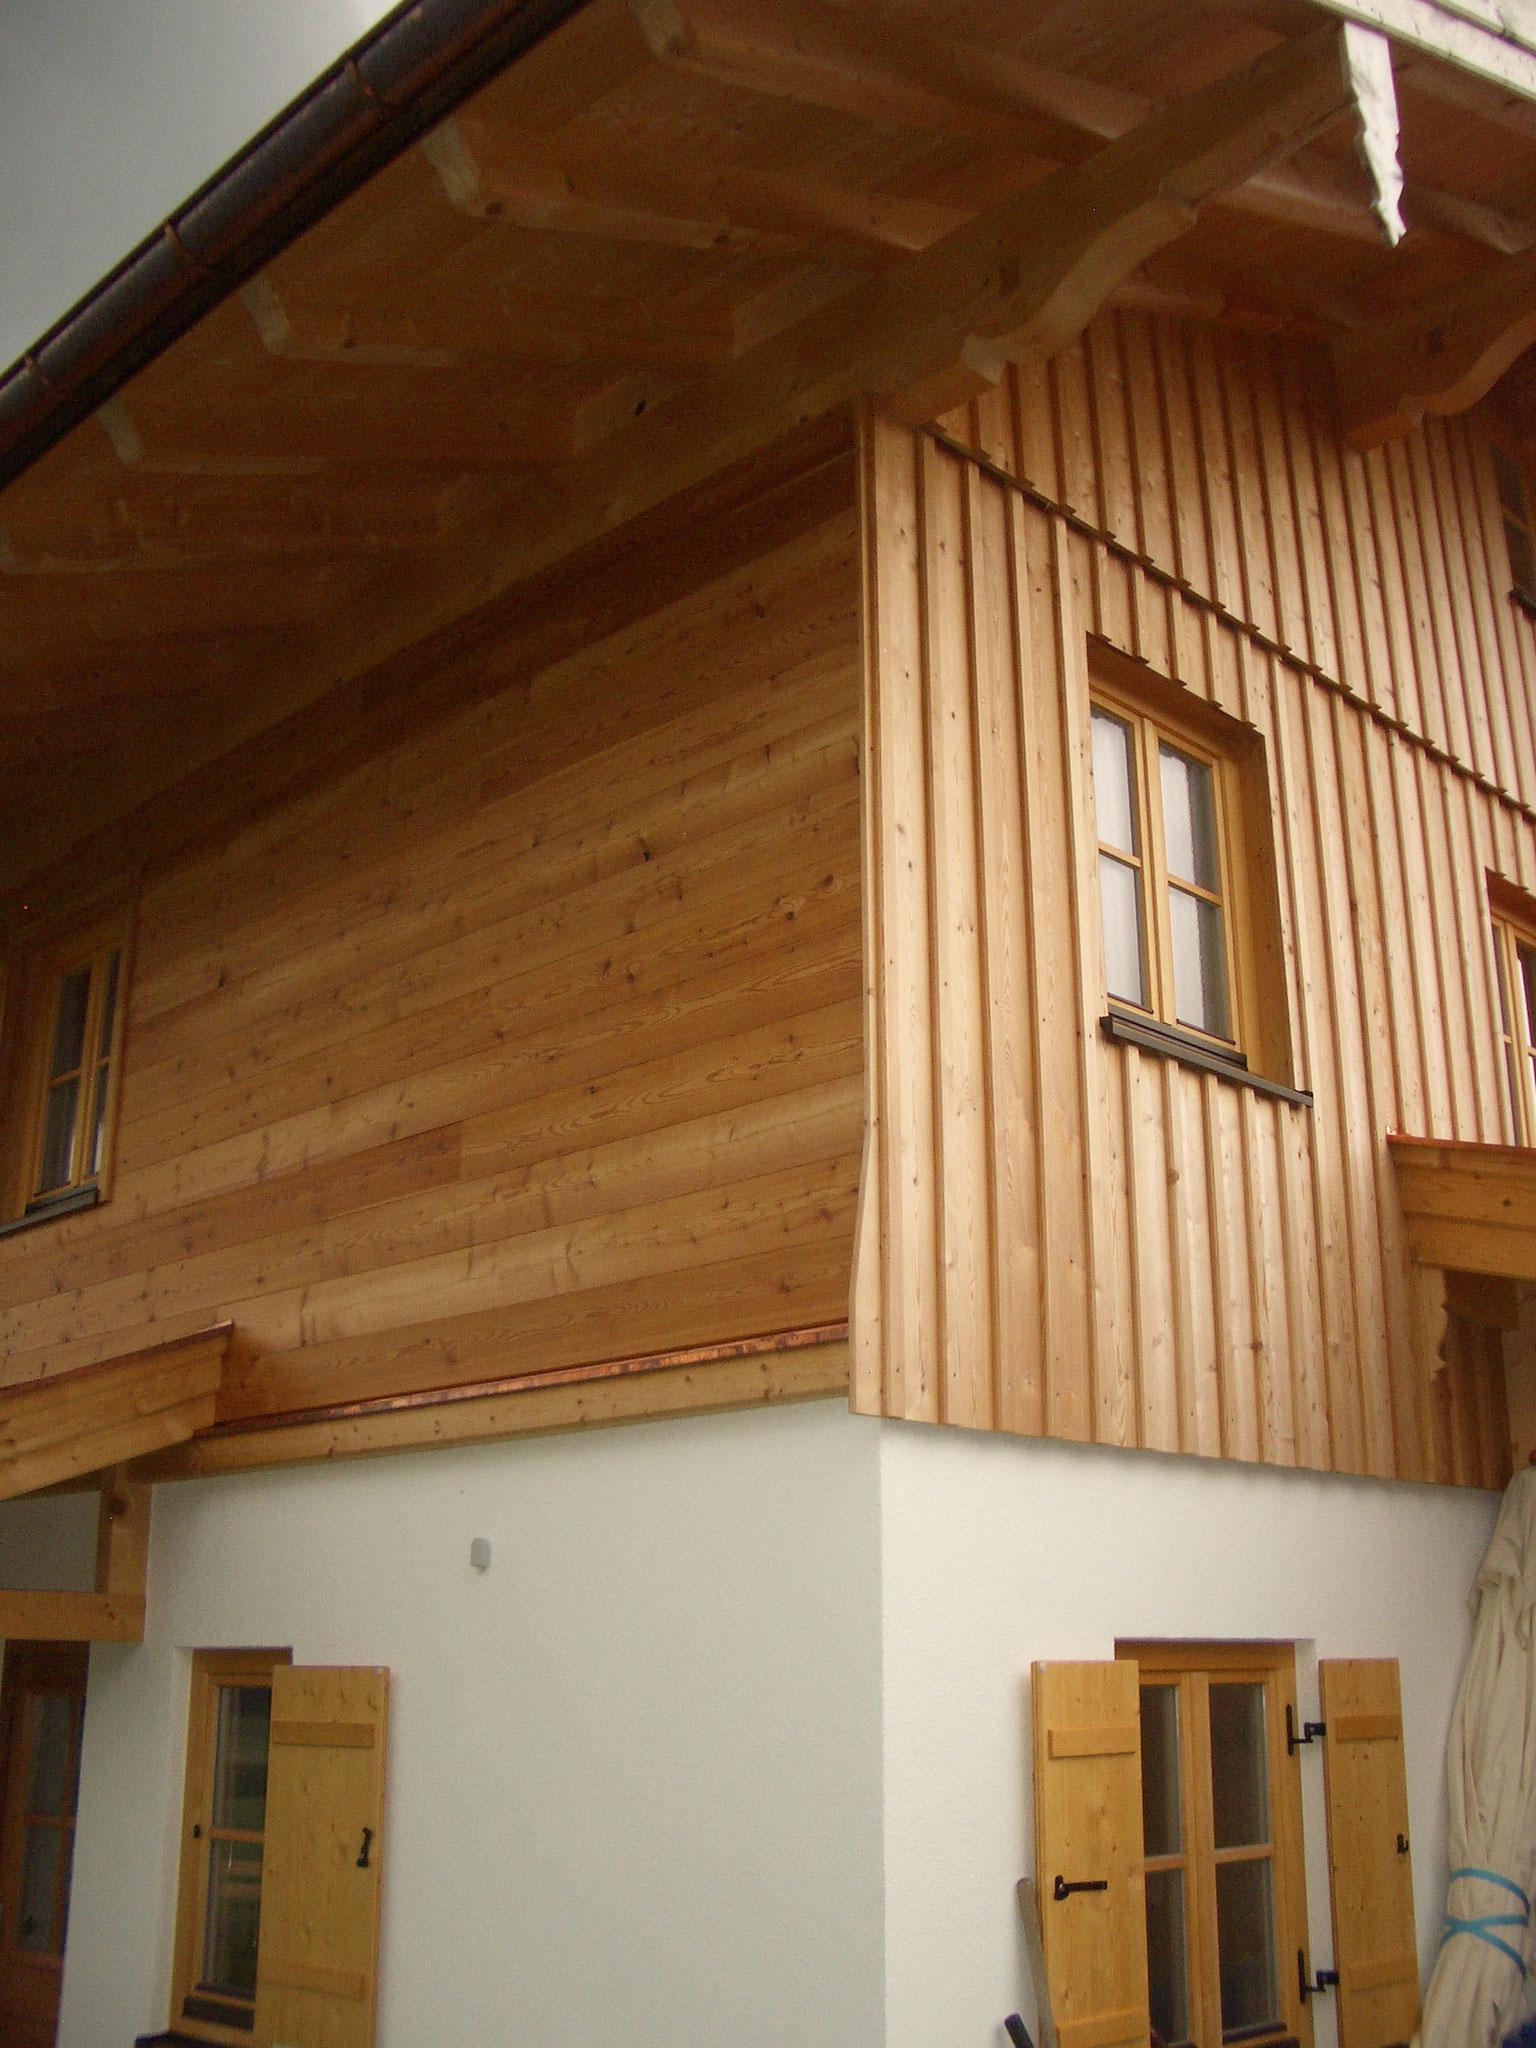 Hausfassade aus Lärchenholz